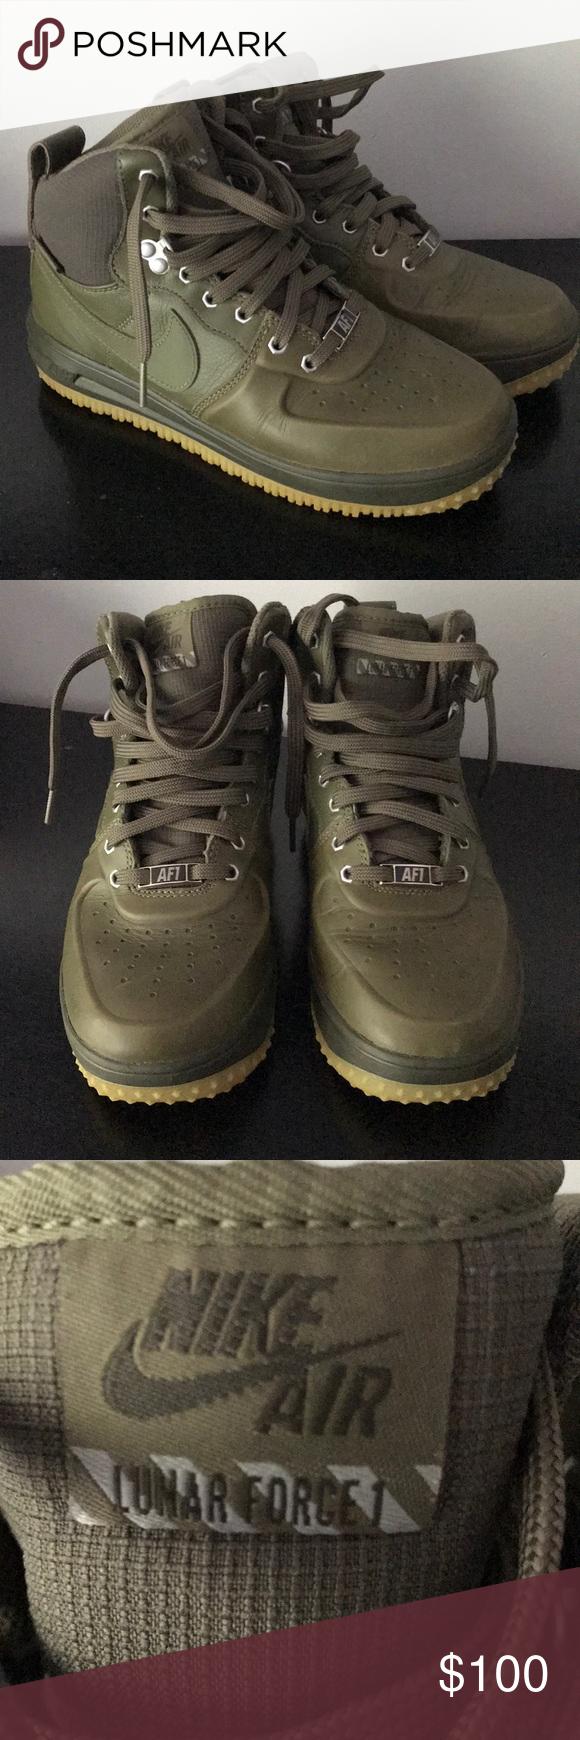 734acf7fbcff Nike Air Force One AF1 Lunar Force 1 Boys Size 6 Y Nike Air Force ...